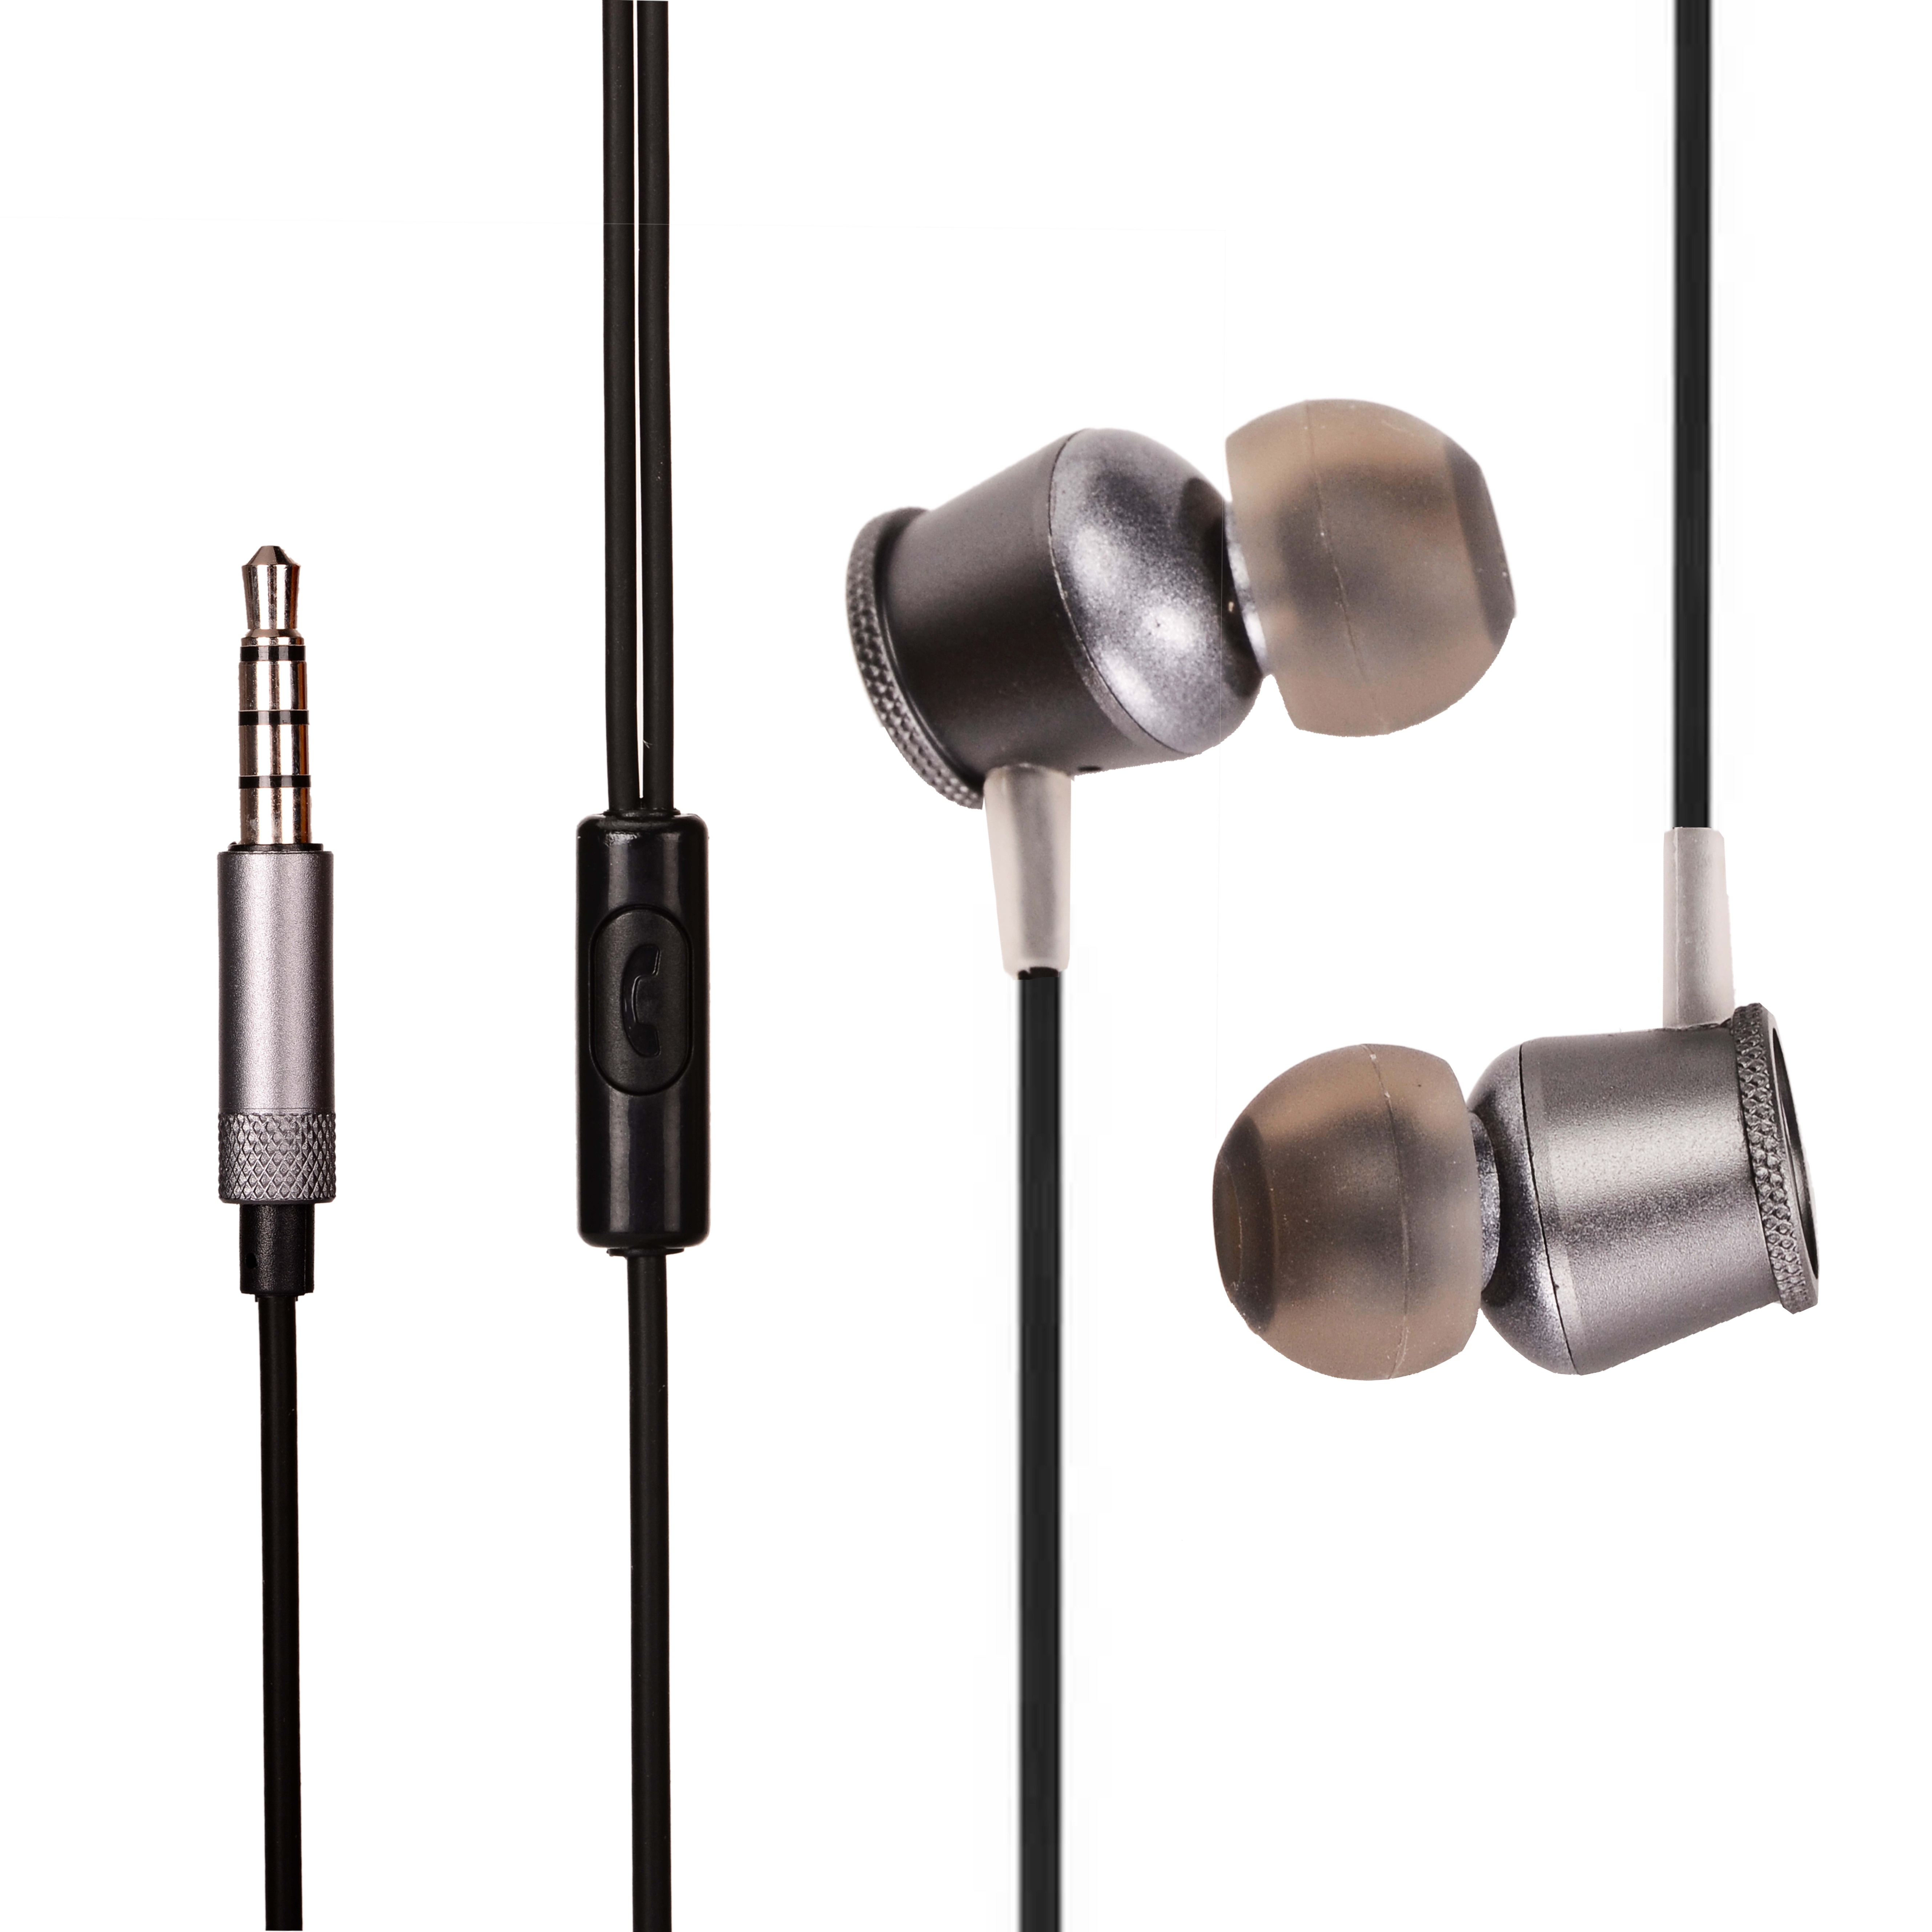 Q1金属耳机